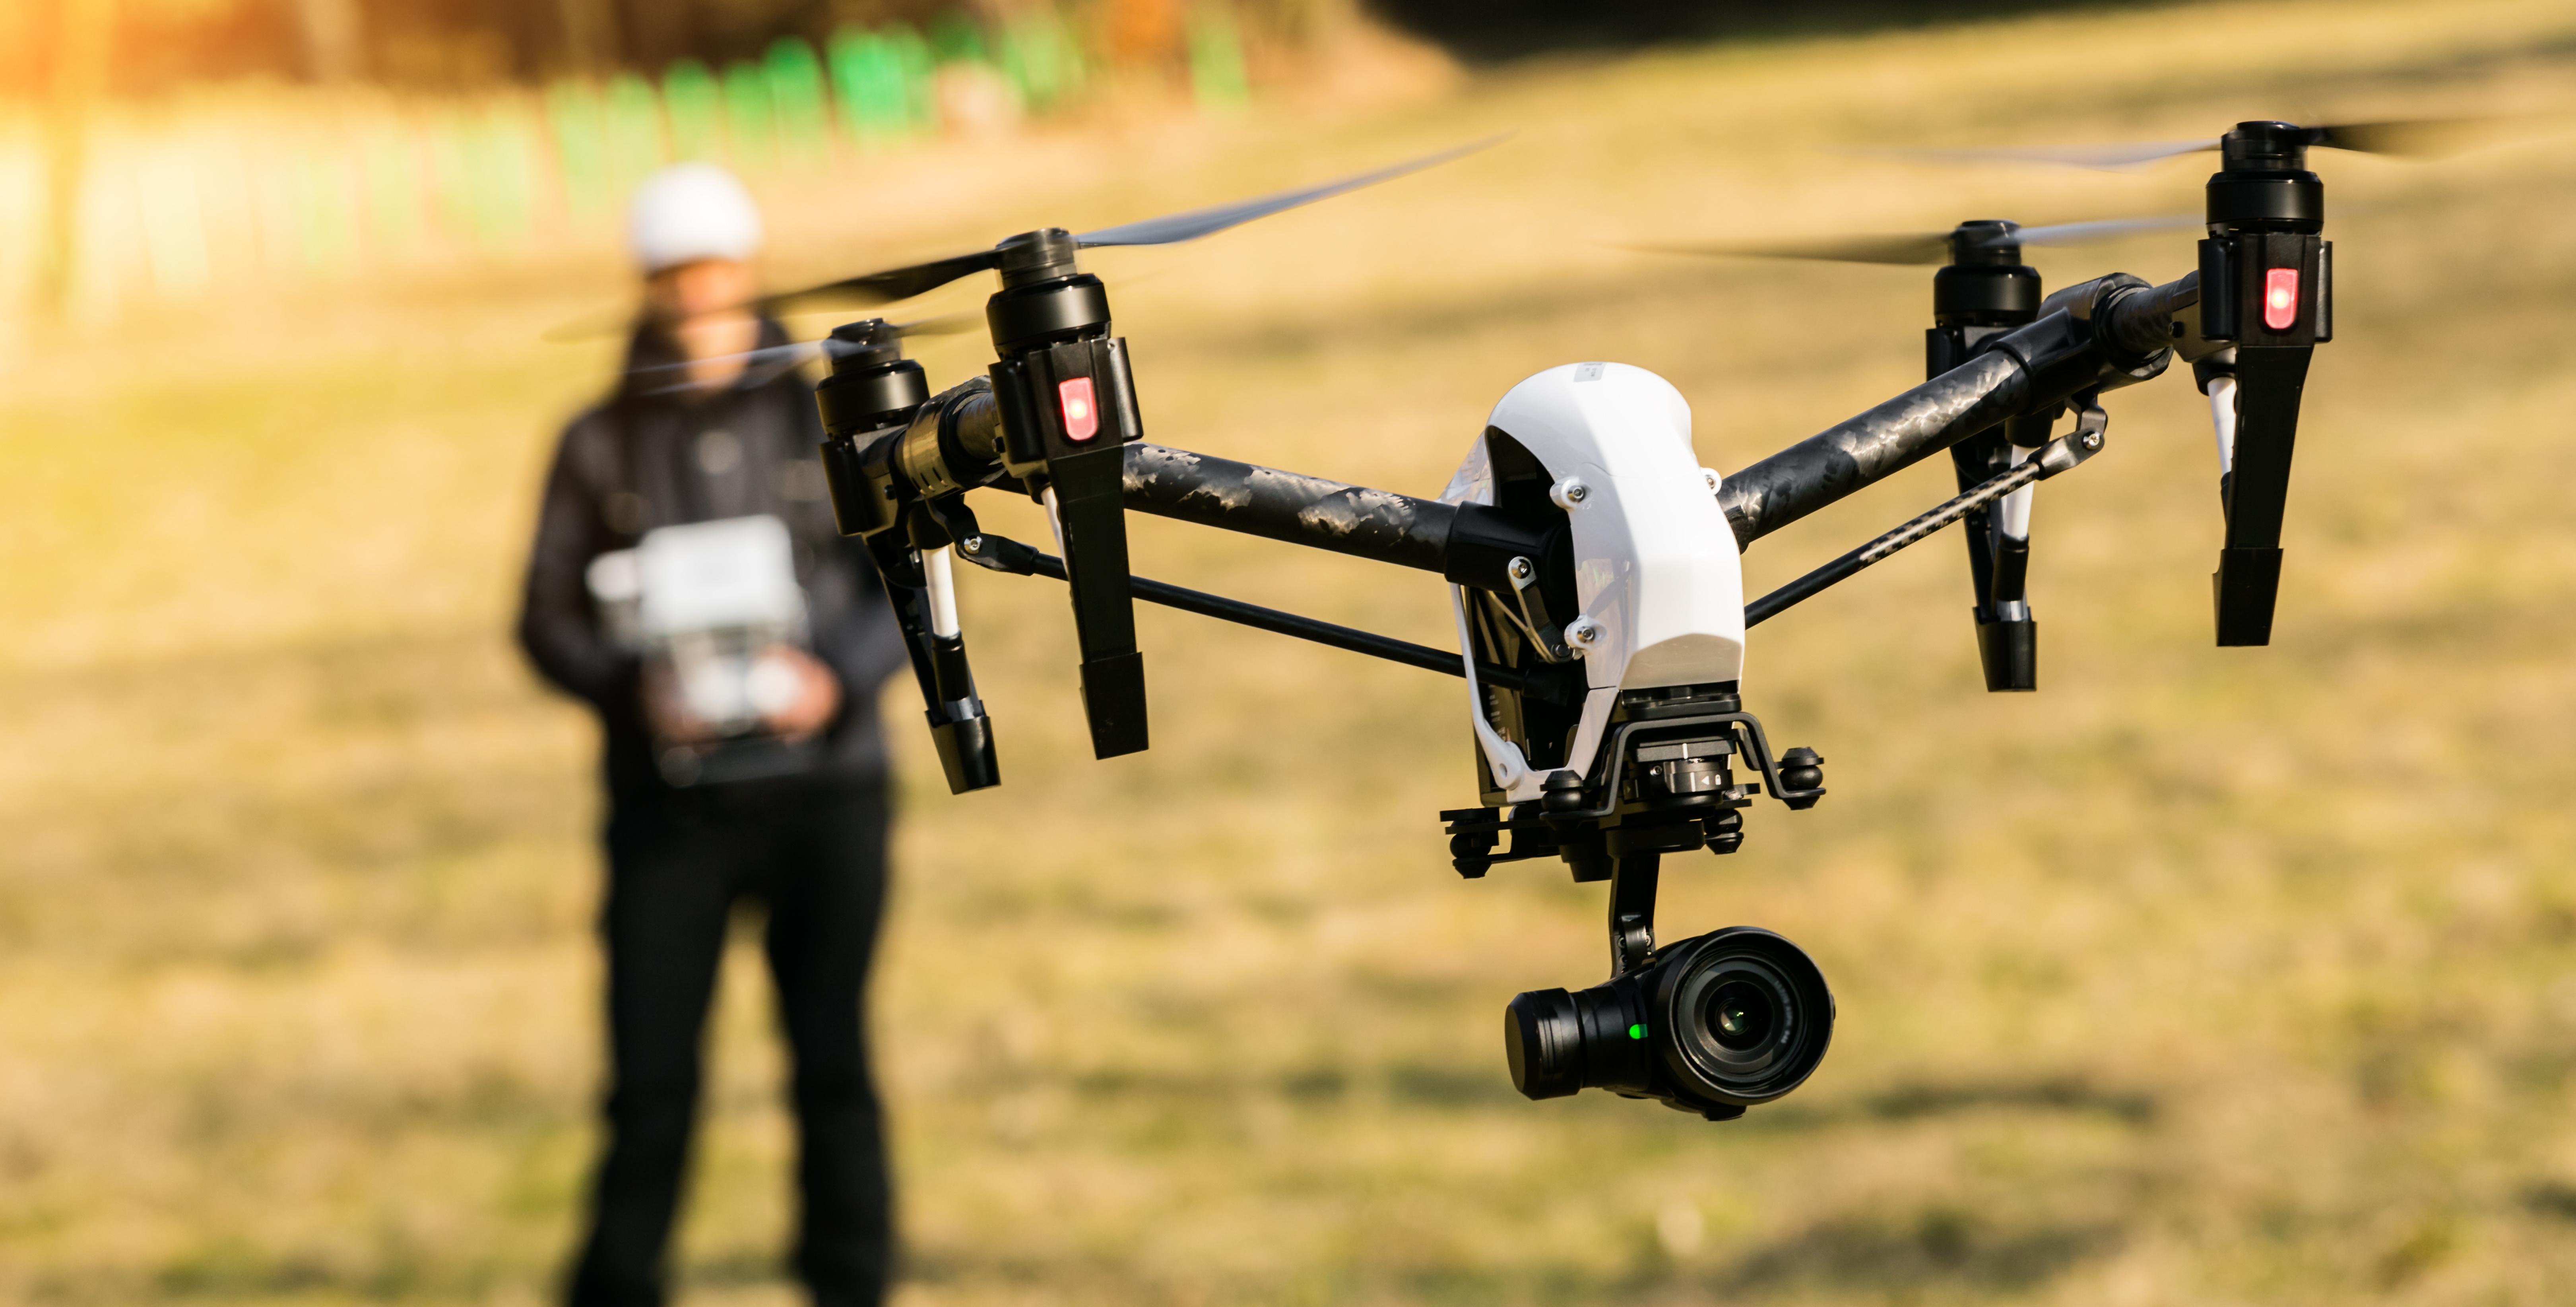 Antonelli Law DroneUAS Practice Group